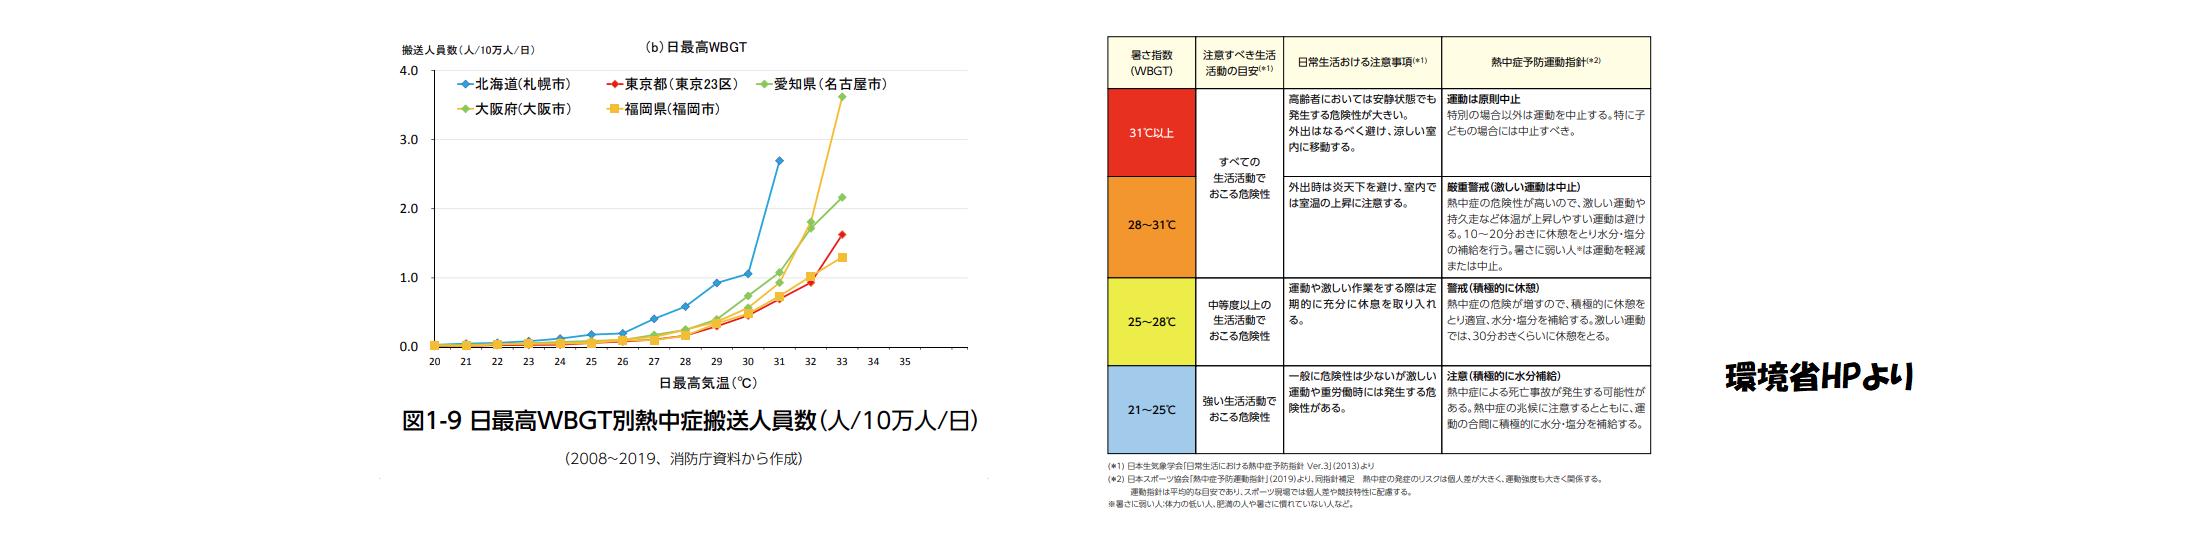 暑さ指数と熱中症患者数の関係と注意書き